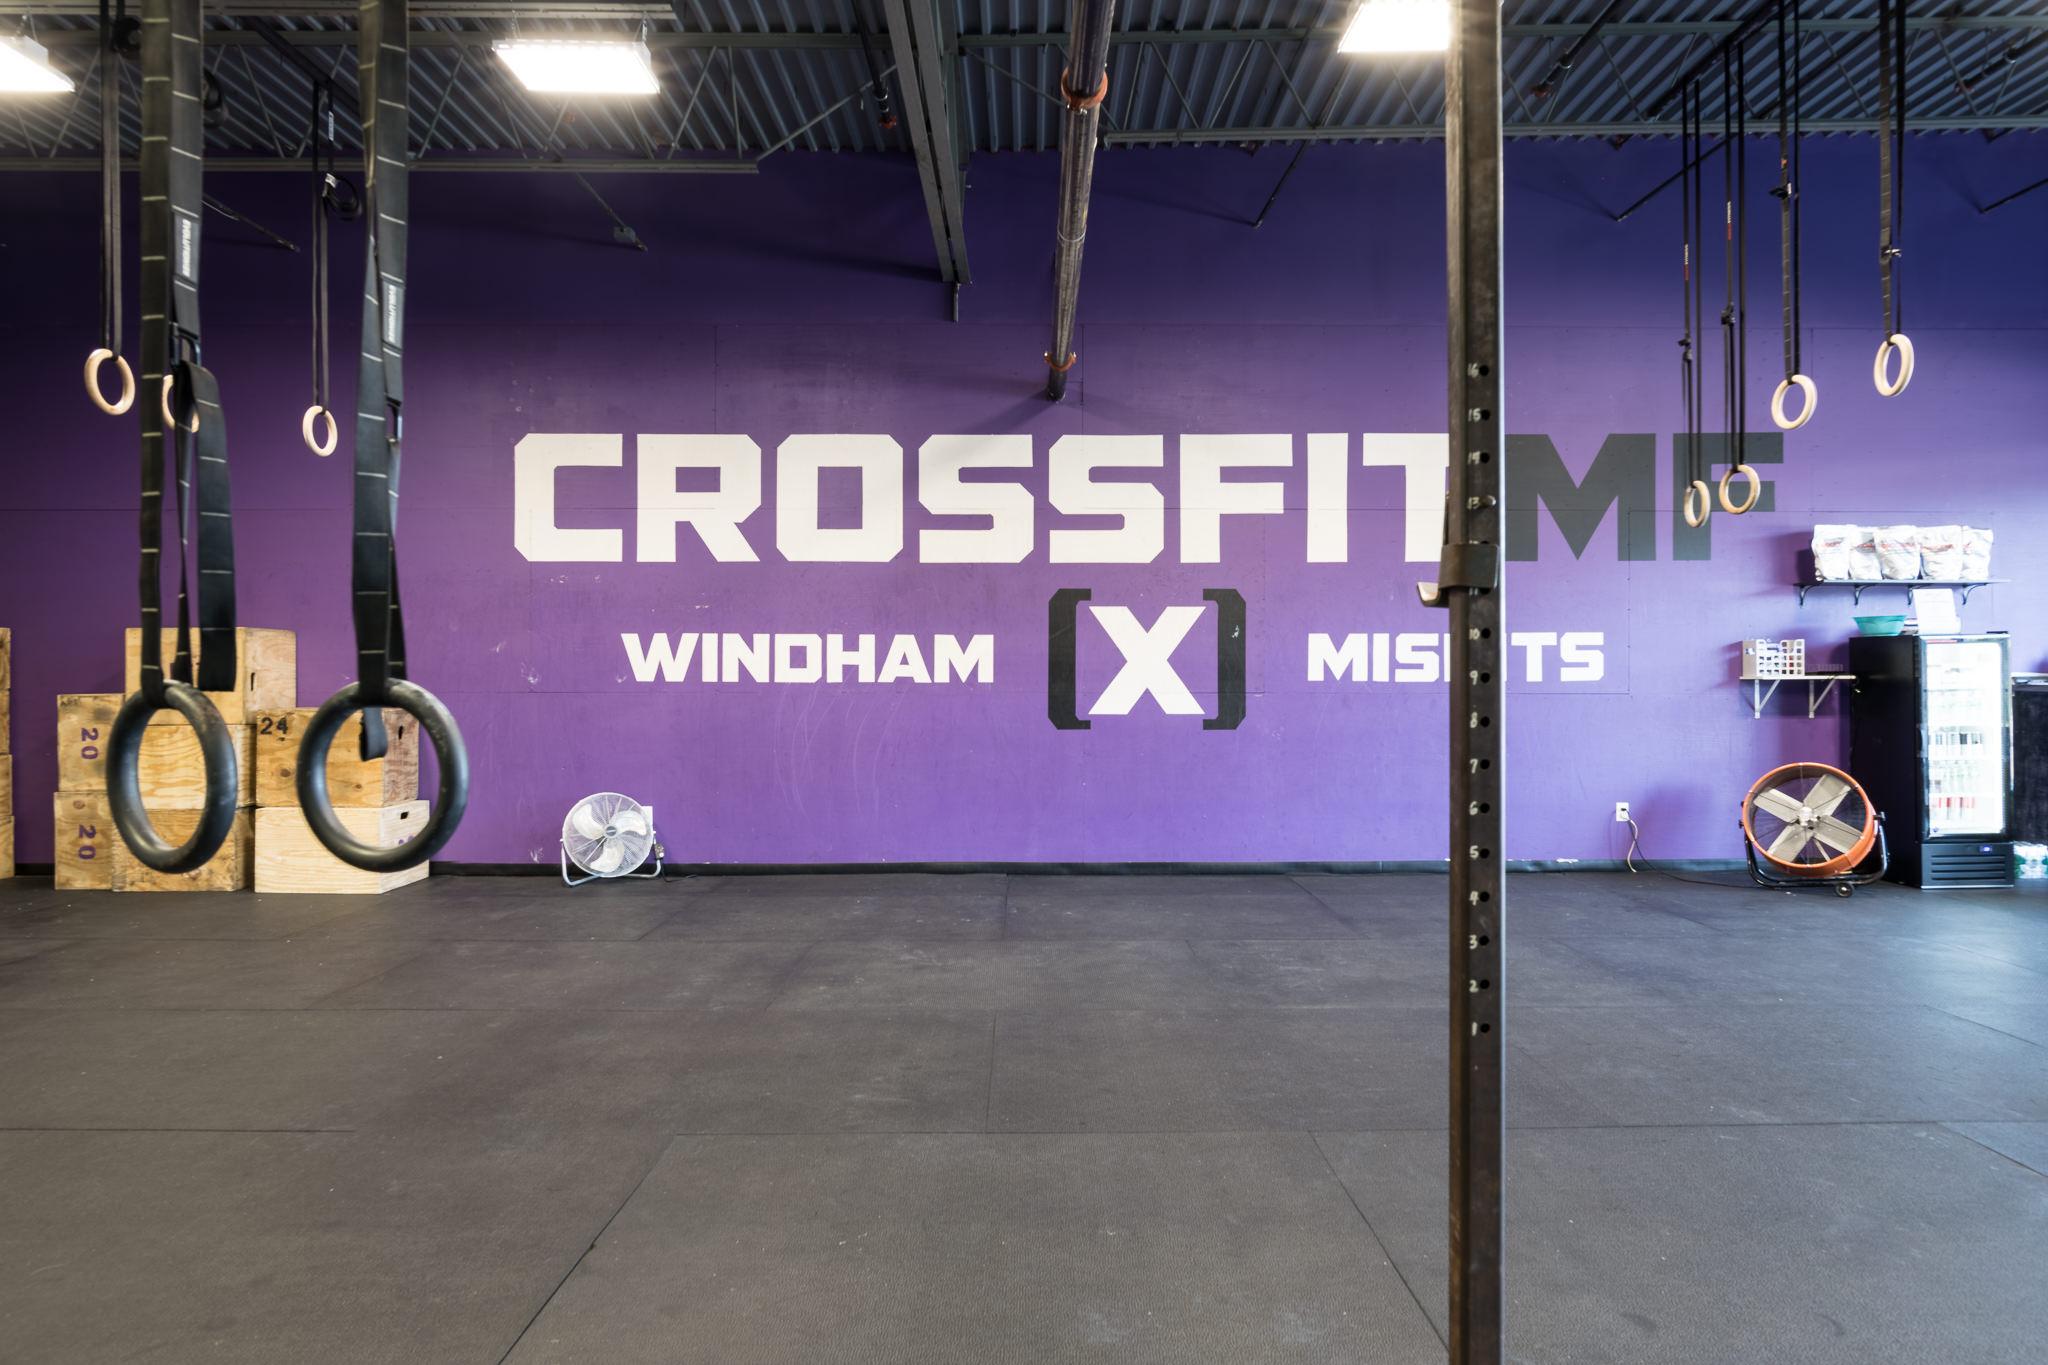 081018-Crossfit-MF-Windham-FACILITIES-7.jpg